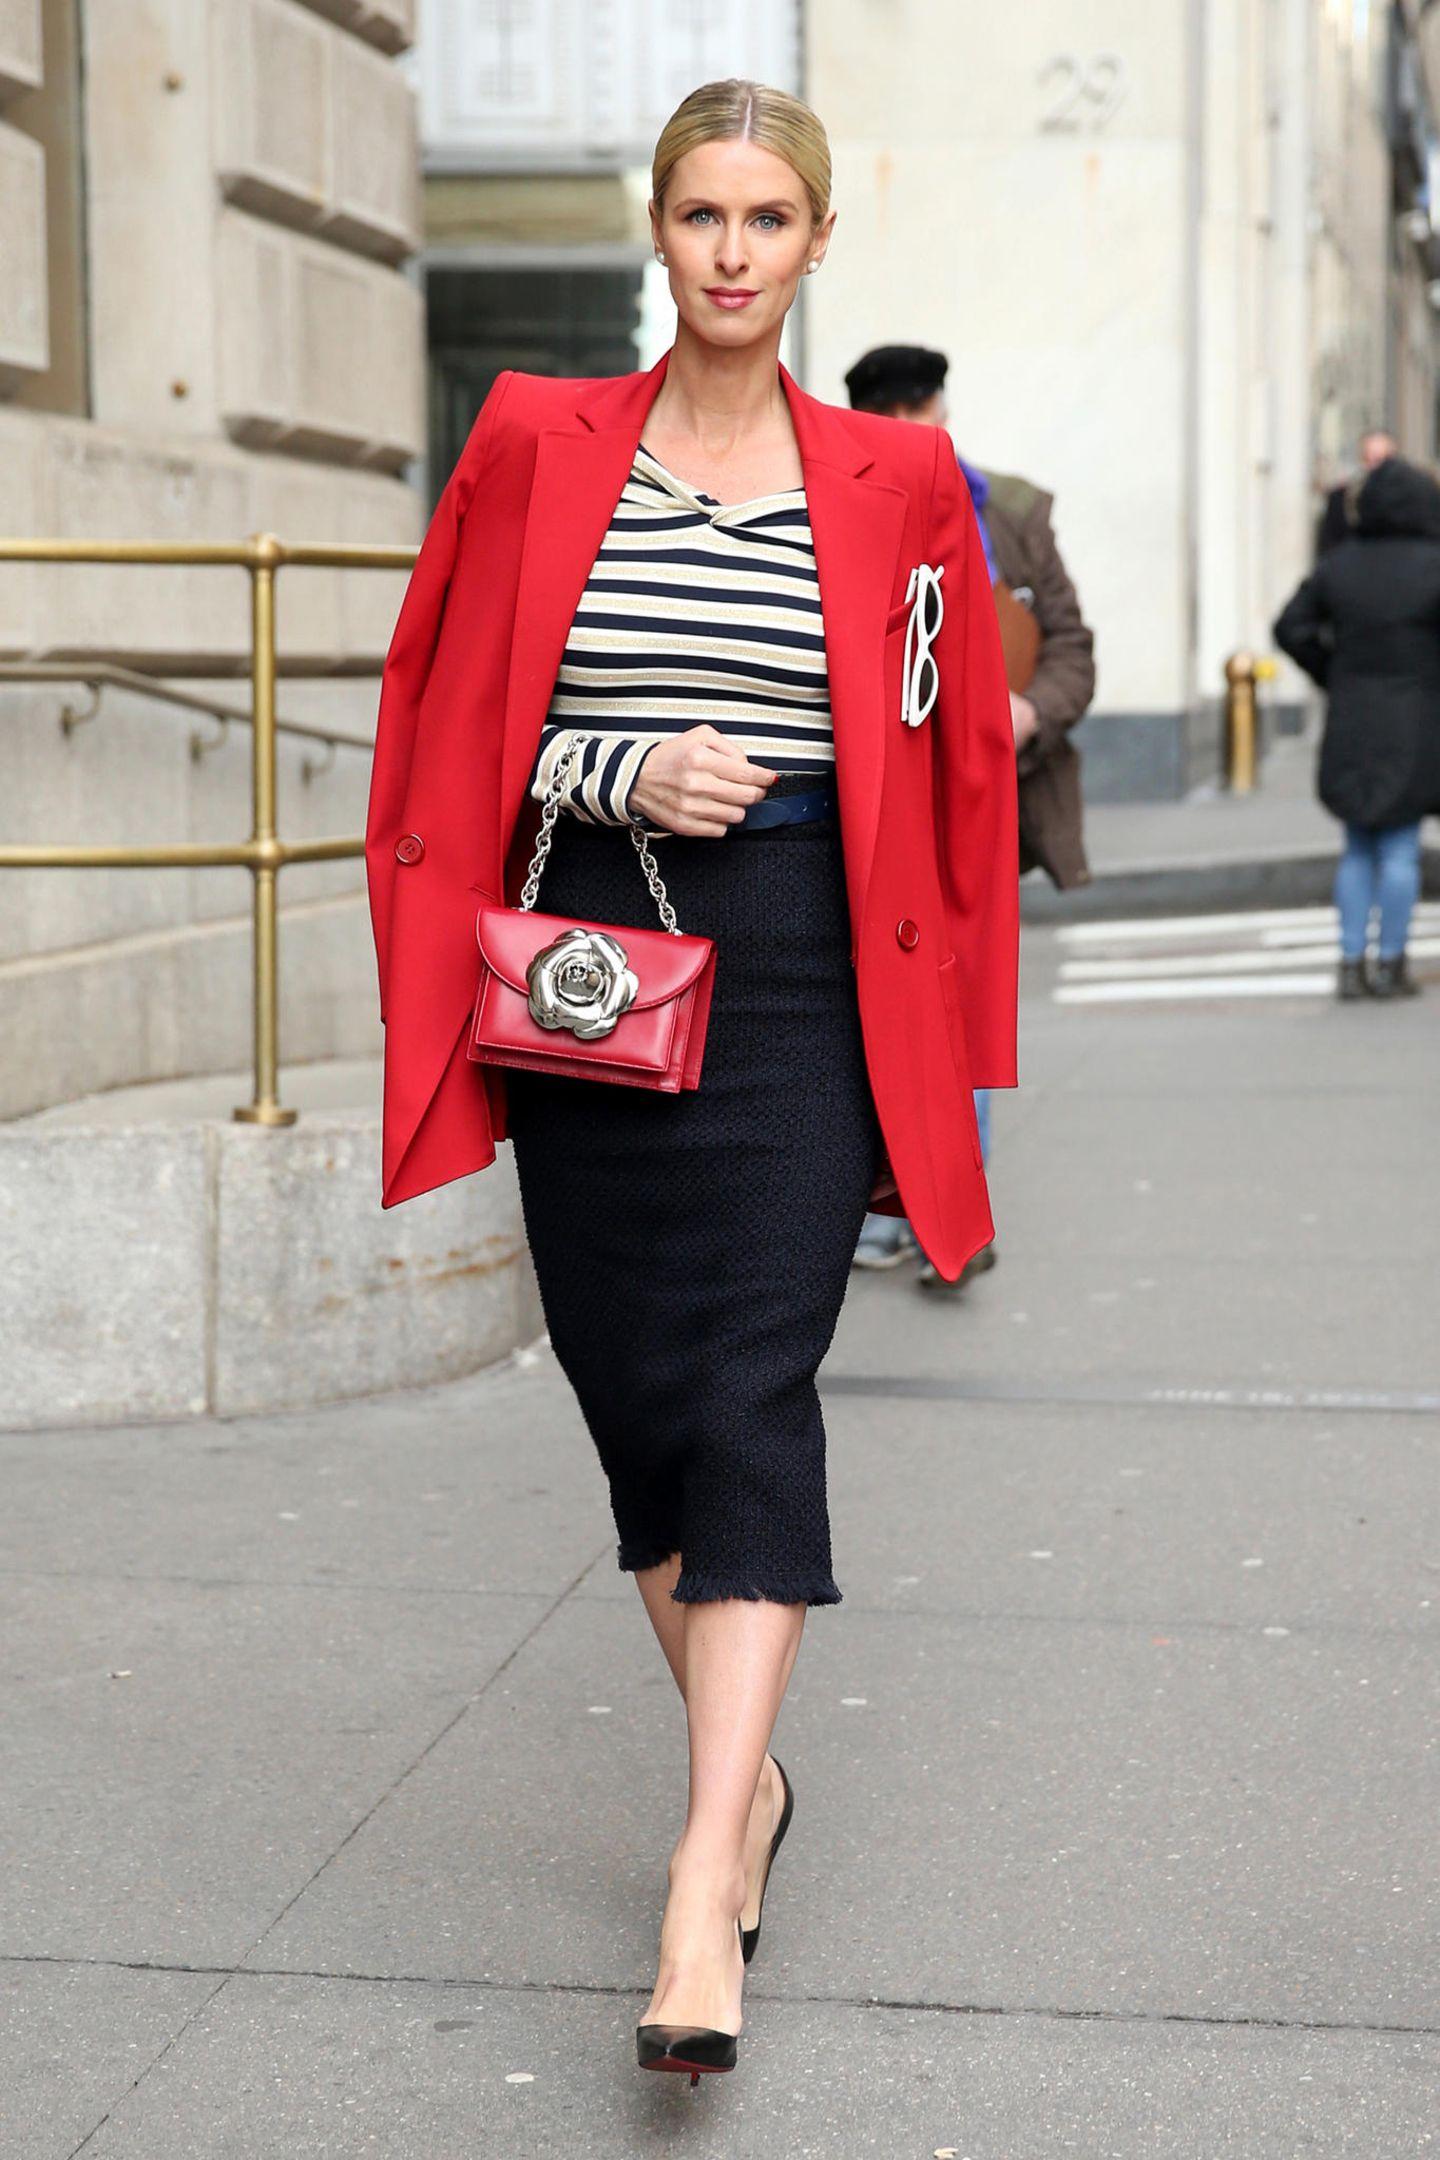 Nicky Hilton, gerade auf dem Weg zur Fashion-Show von Oscar de la Renta im Cunard Building, präsentiert New Yorker Eleganz mit maritimen Flair in Rot, Schwarz und Weiß.